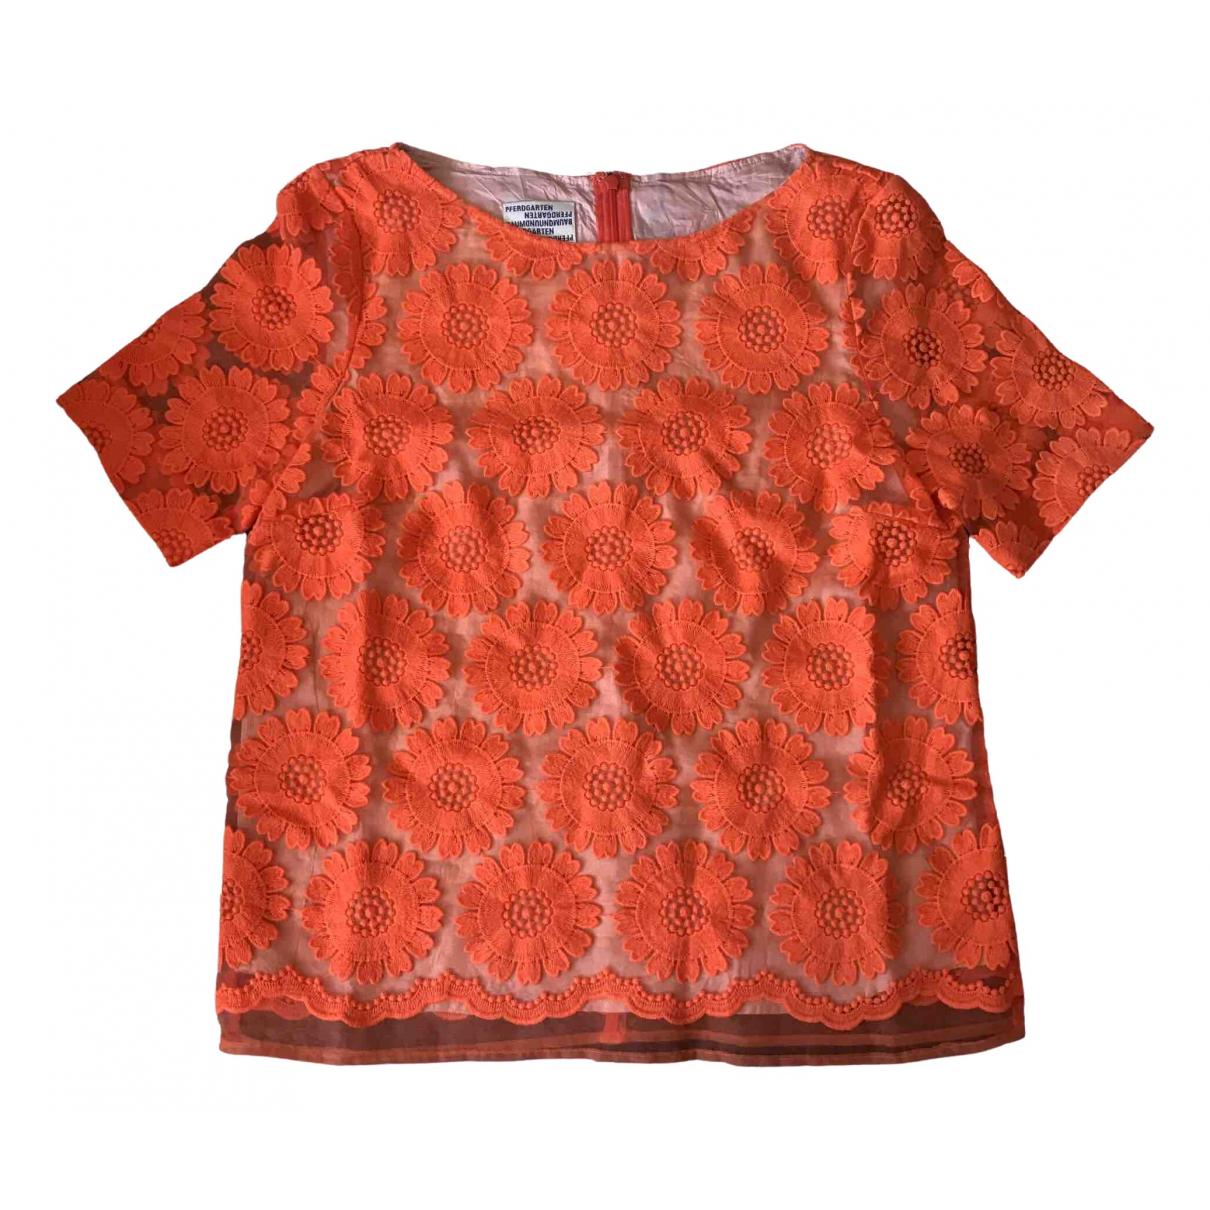 Baum Und Pferdgarten \N Orange  top for Women 38 FR